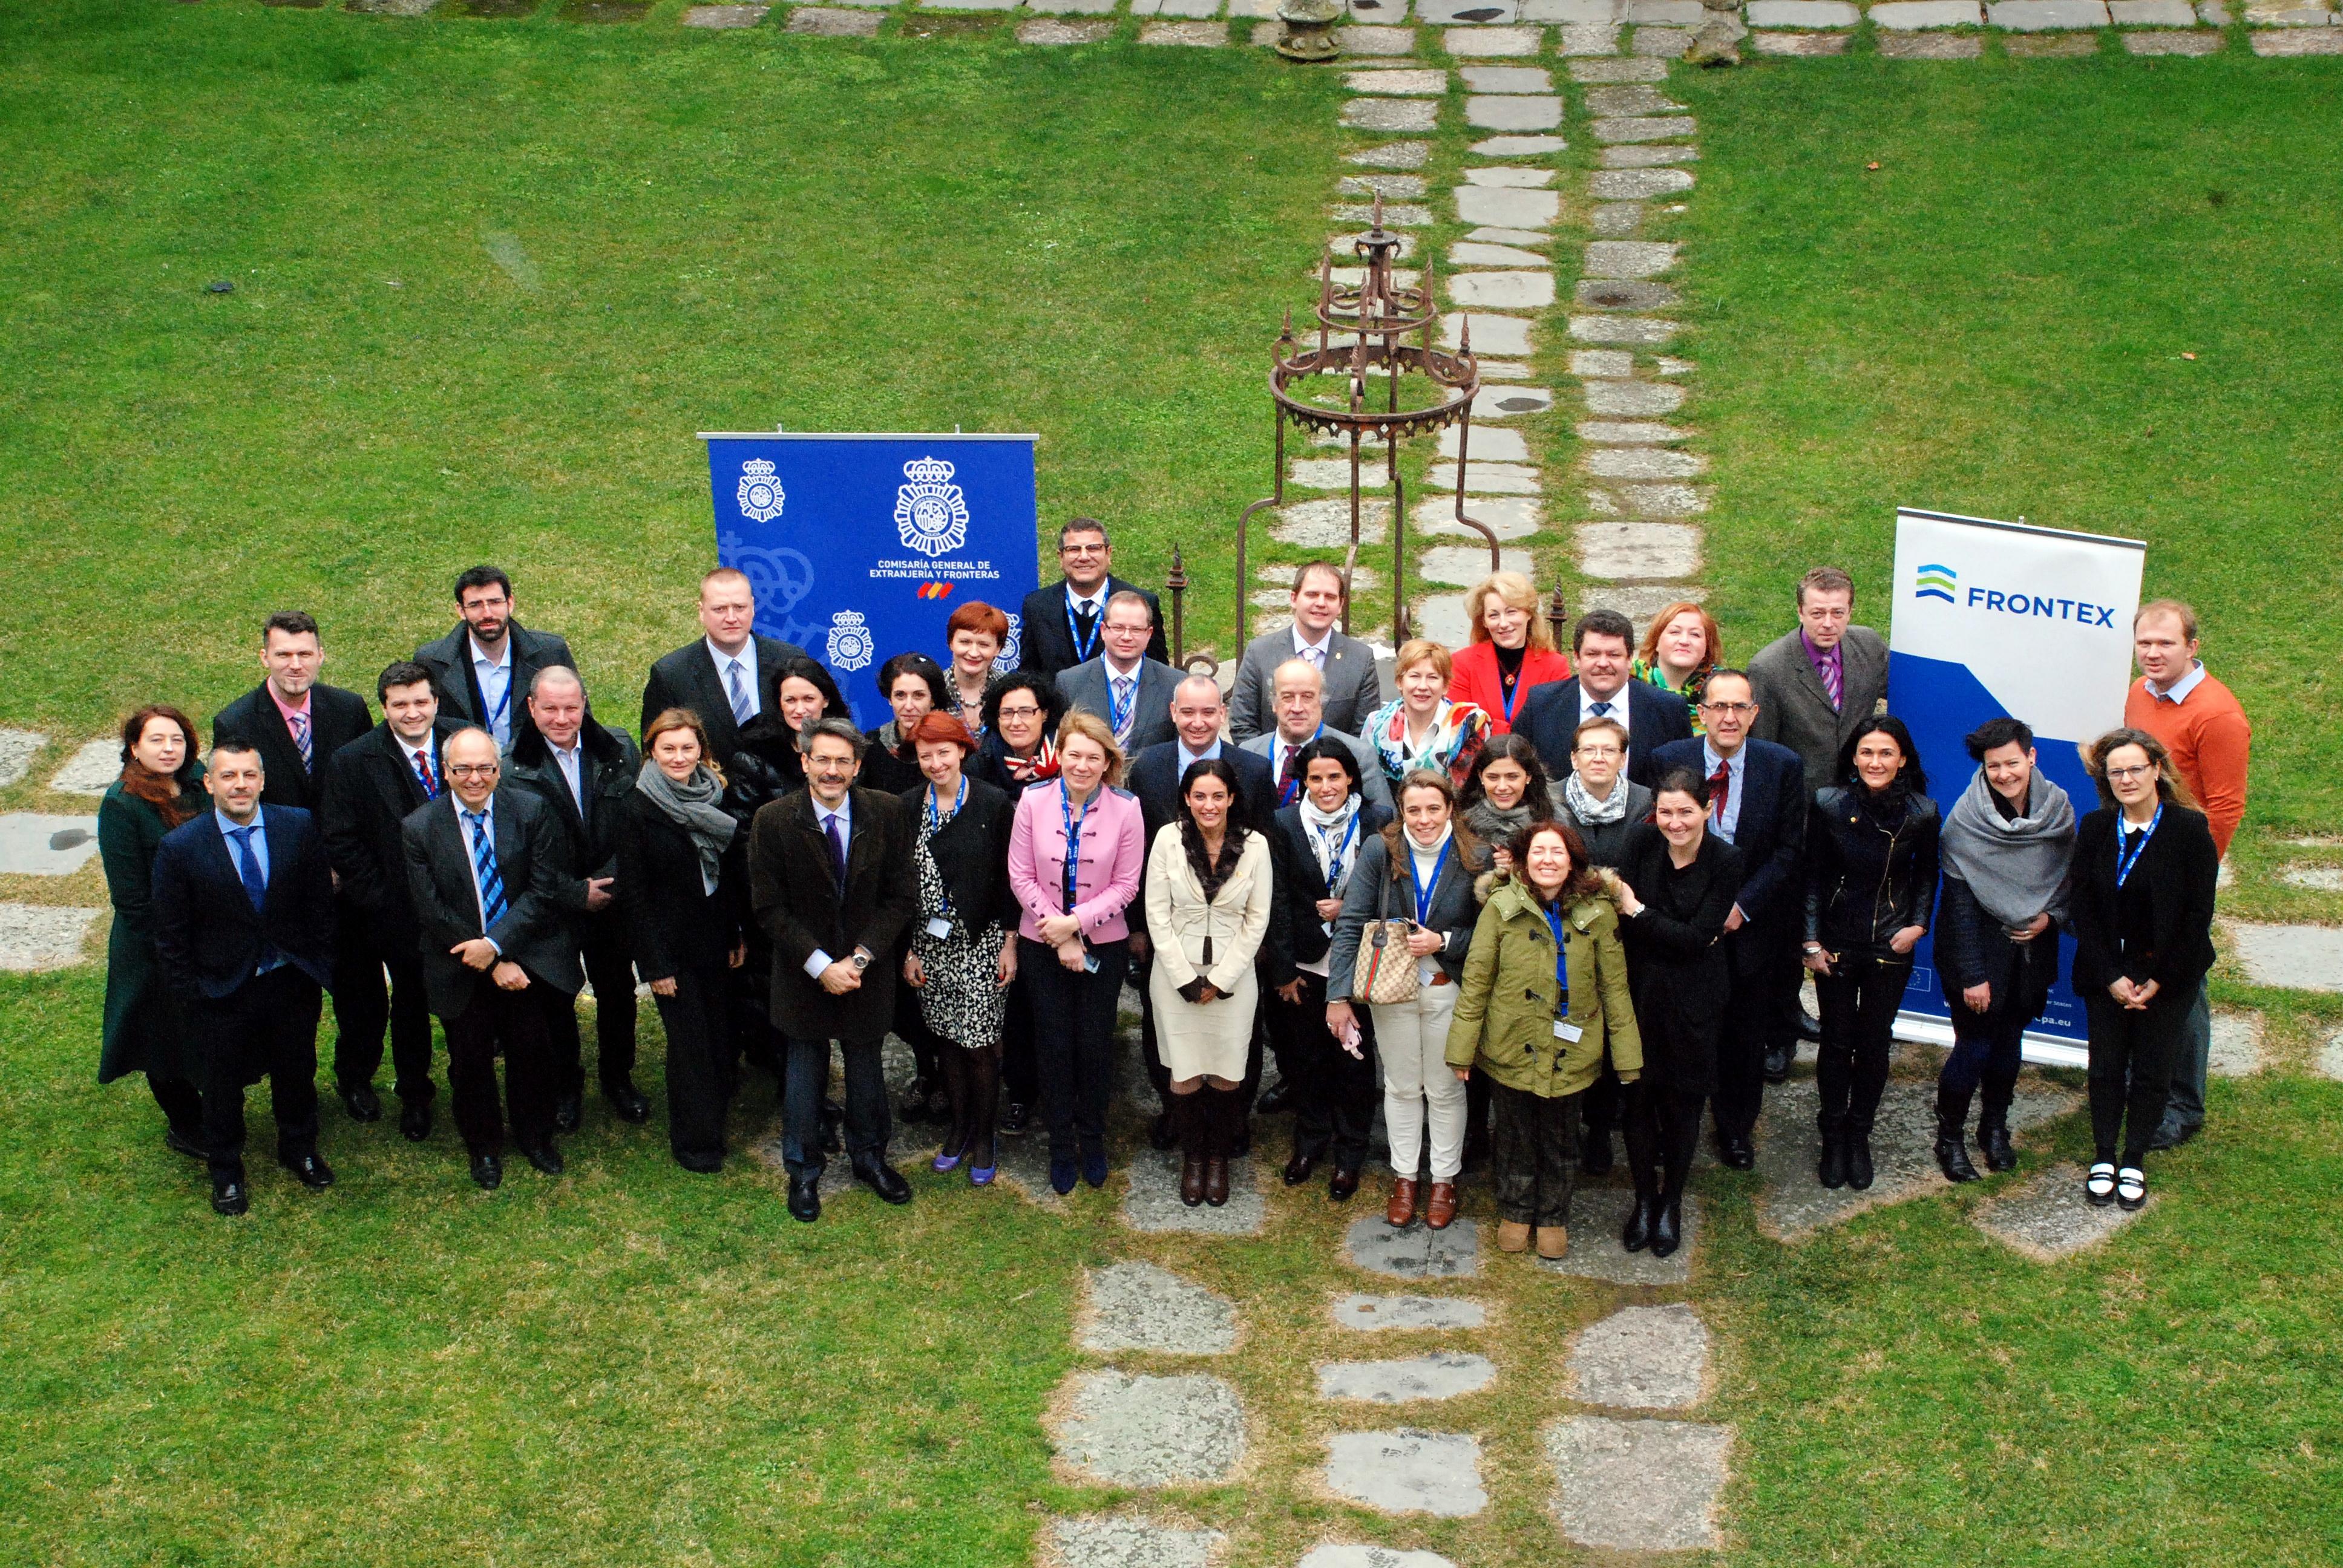 La Universidad de Salamanca colabora en el desarrollo del Máster Universitario en Gestión estratégica de fronteras